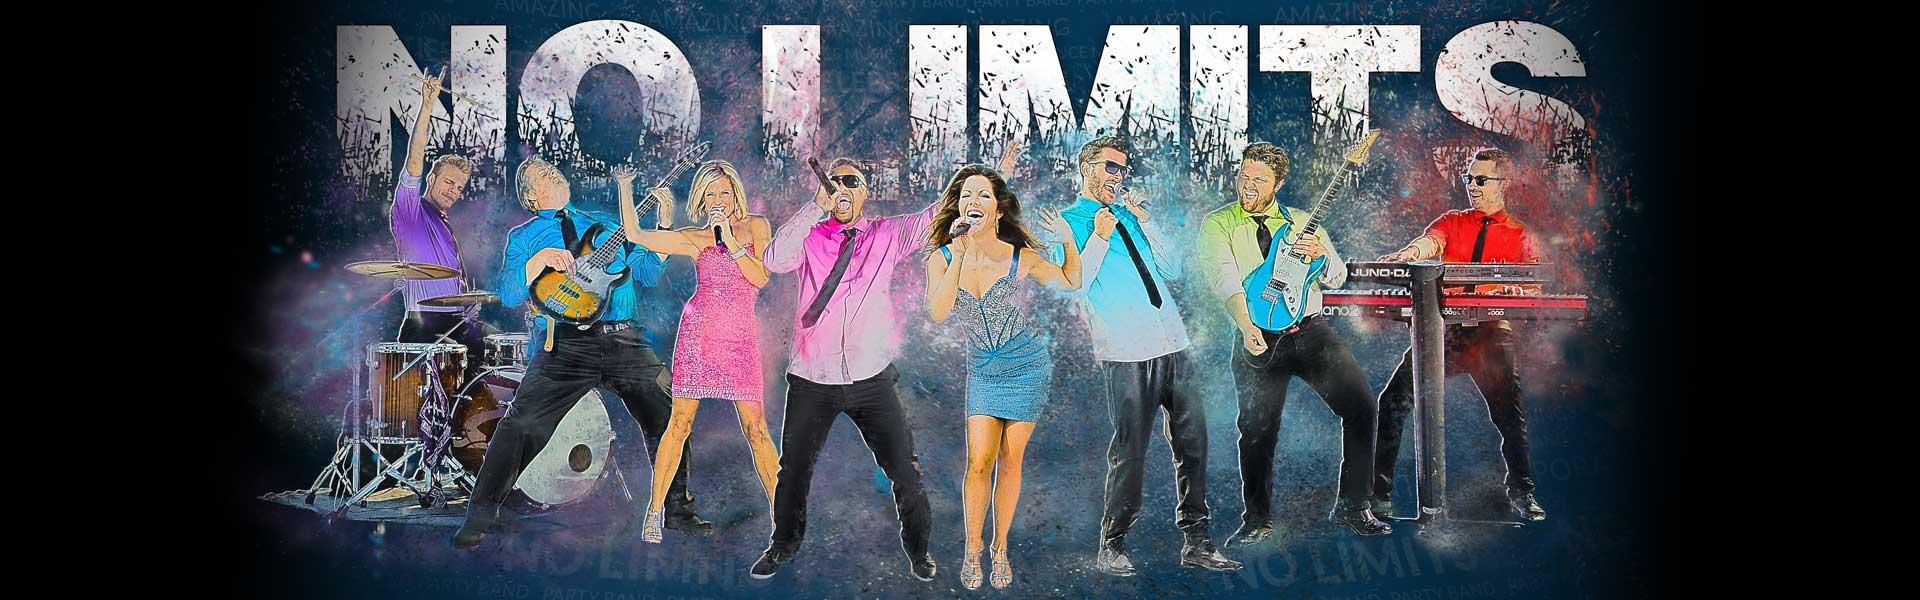 No Limits Dance Band Header Image